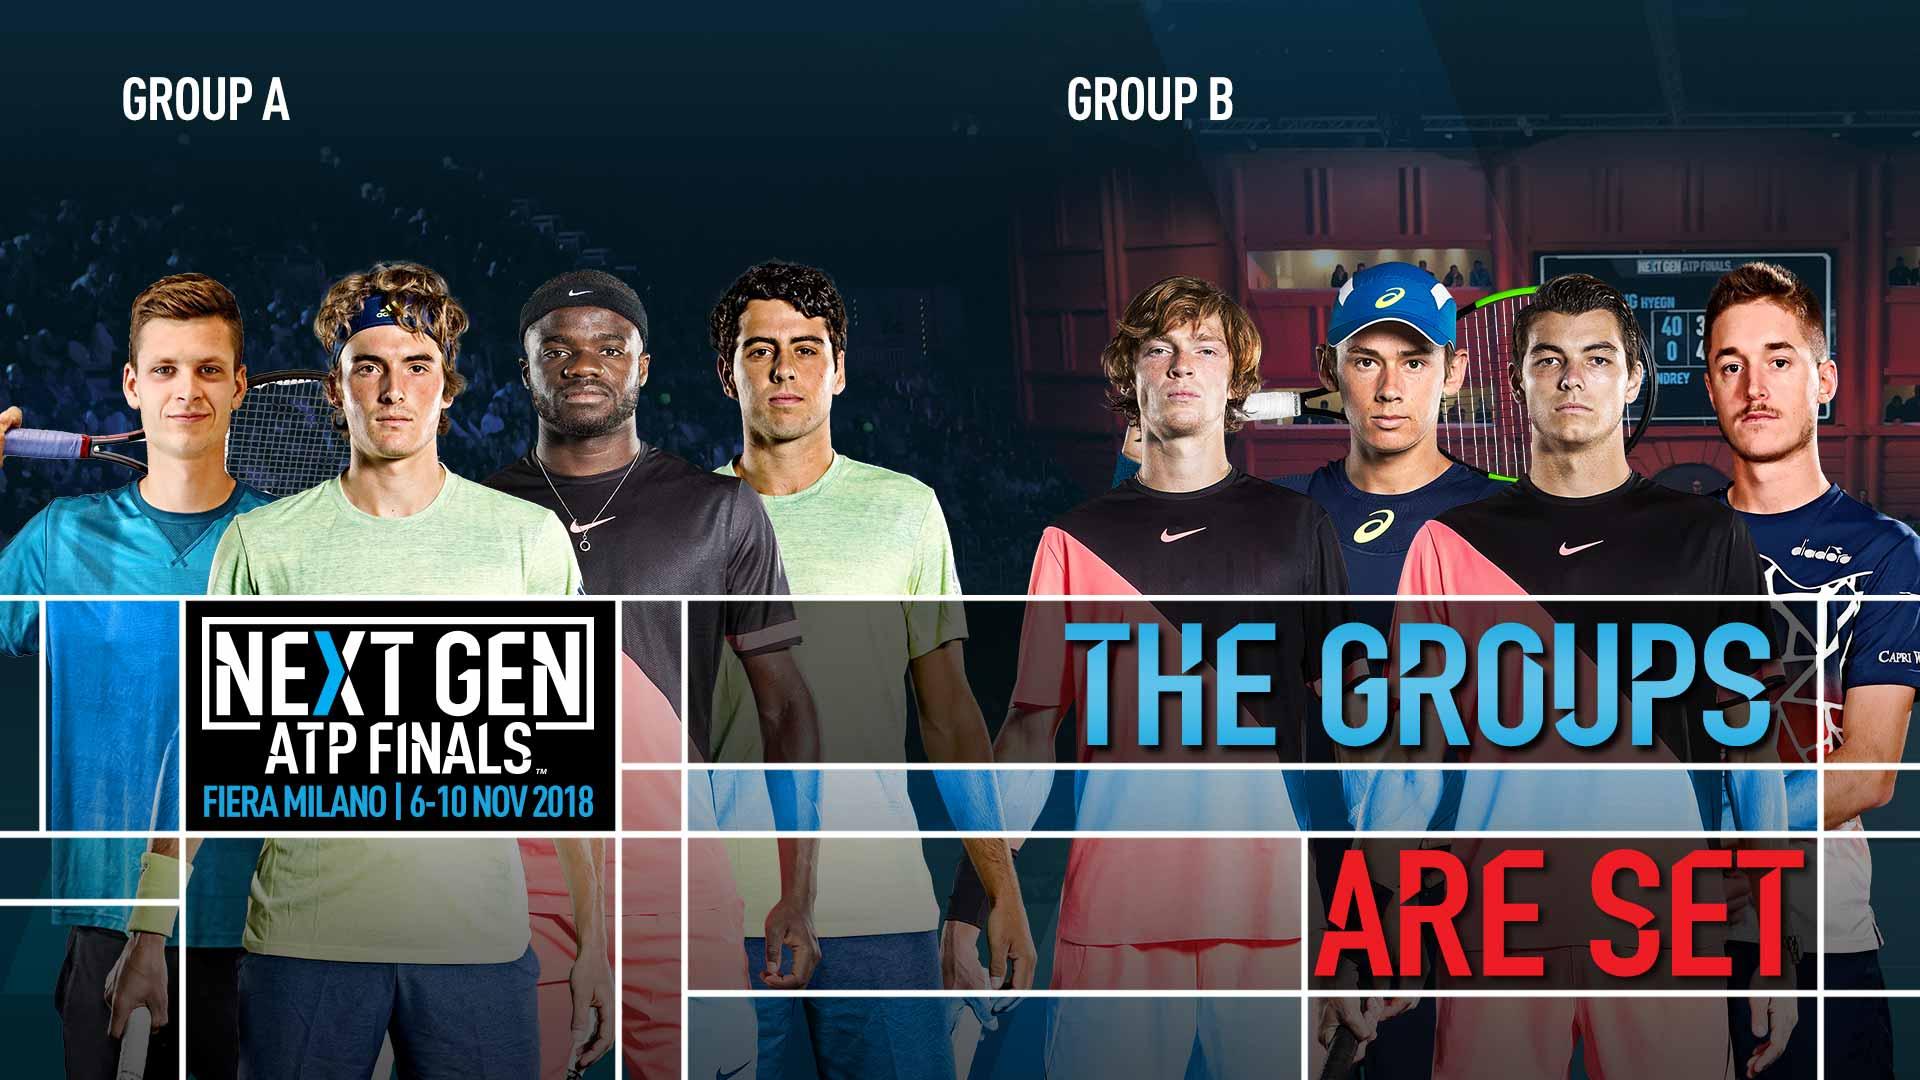 milan-2018-groups-are-set.jpg